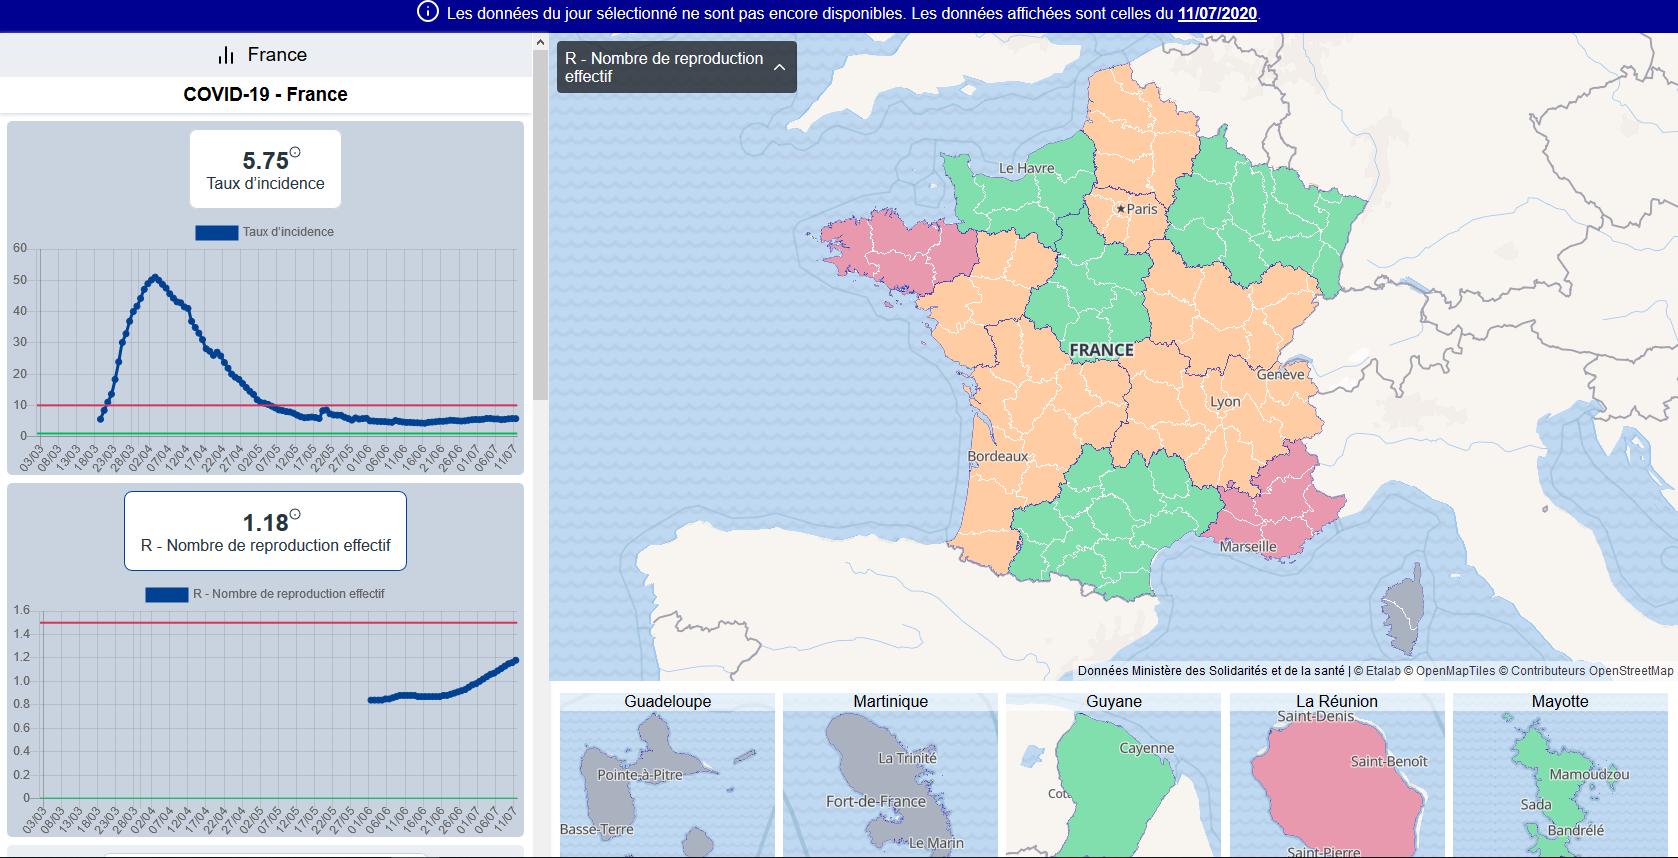 Le R0 dans les différents départements de France, le 11 juillet 2020 (capture d'écran réalisée le 17 juillet 2020)